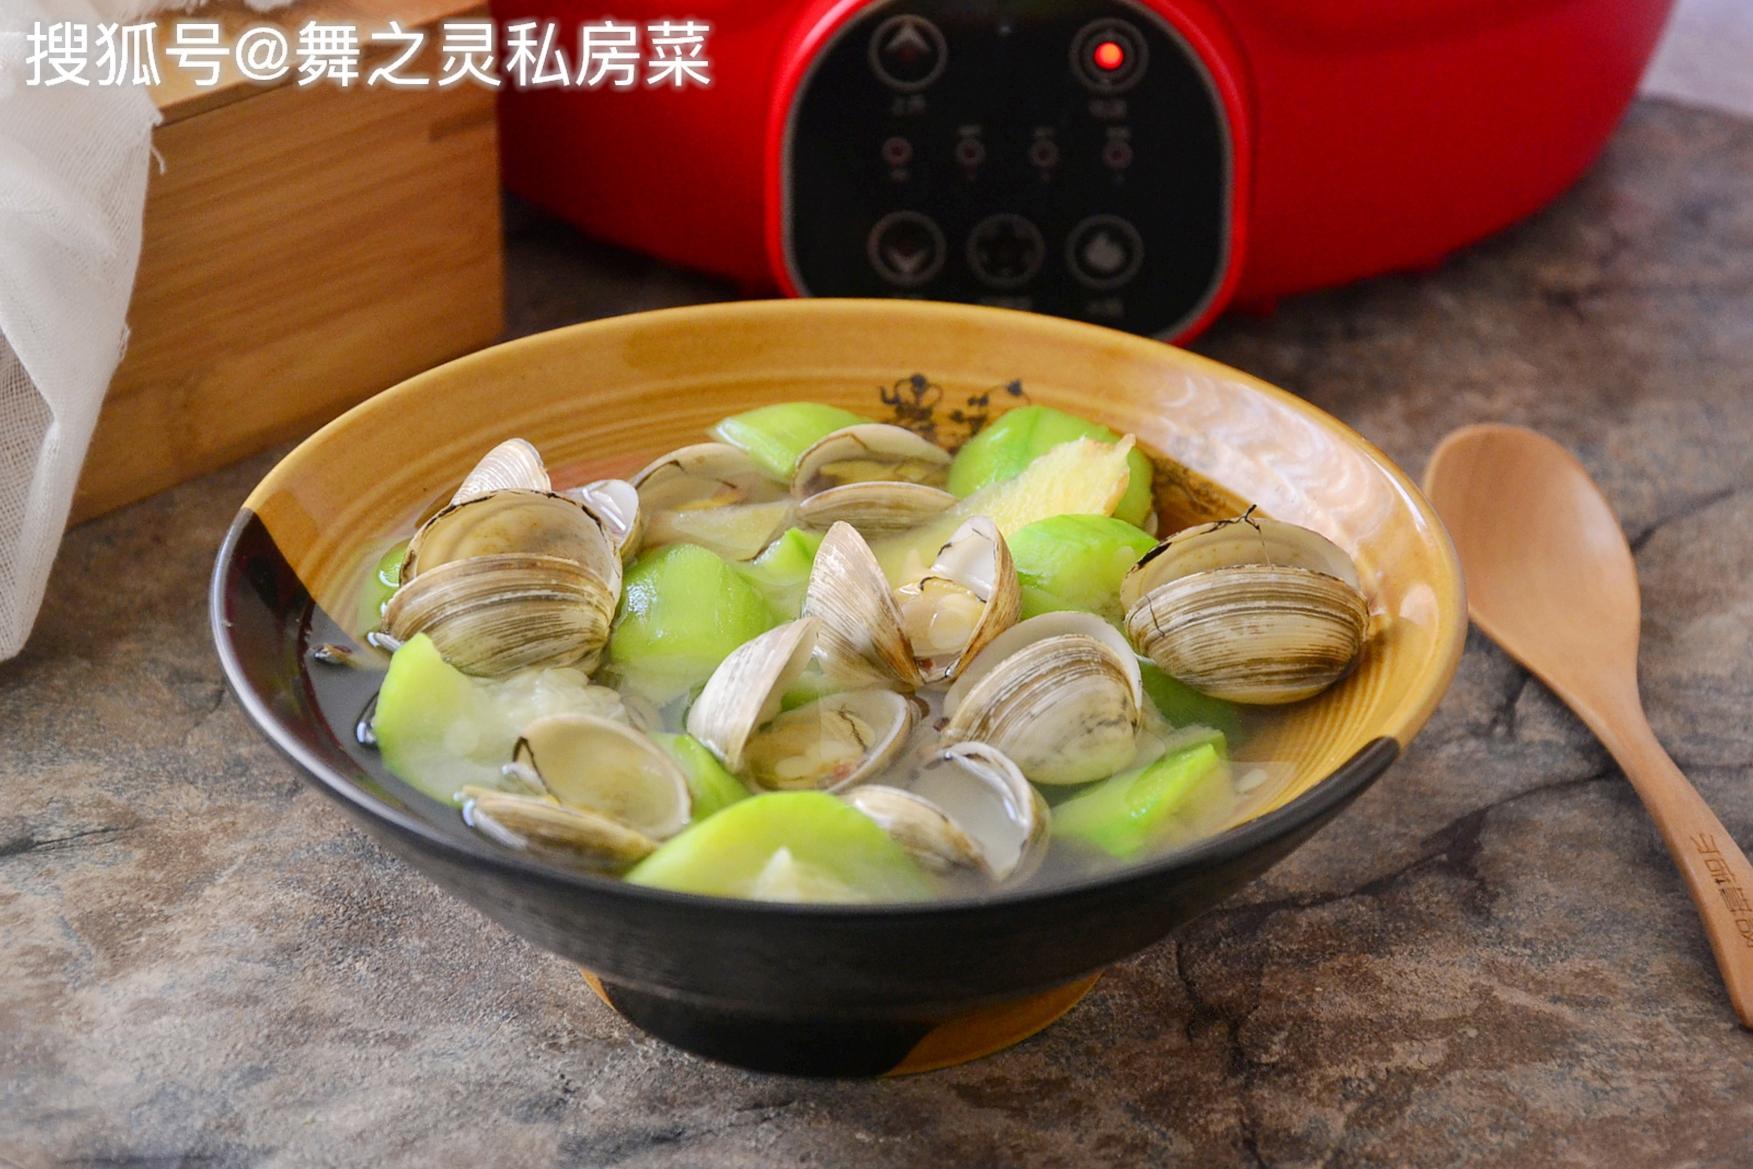 秋季此汤抗病毒还美白,要多喝,做法简单又鲜美,比吃肉营养